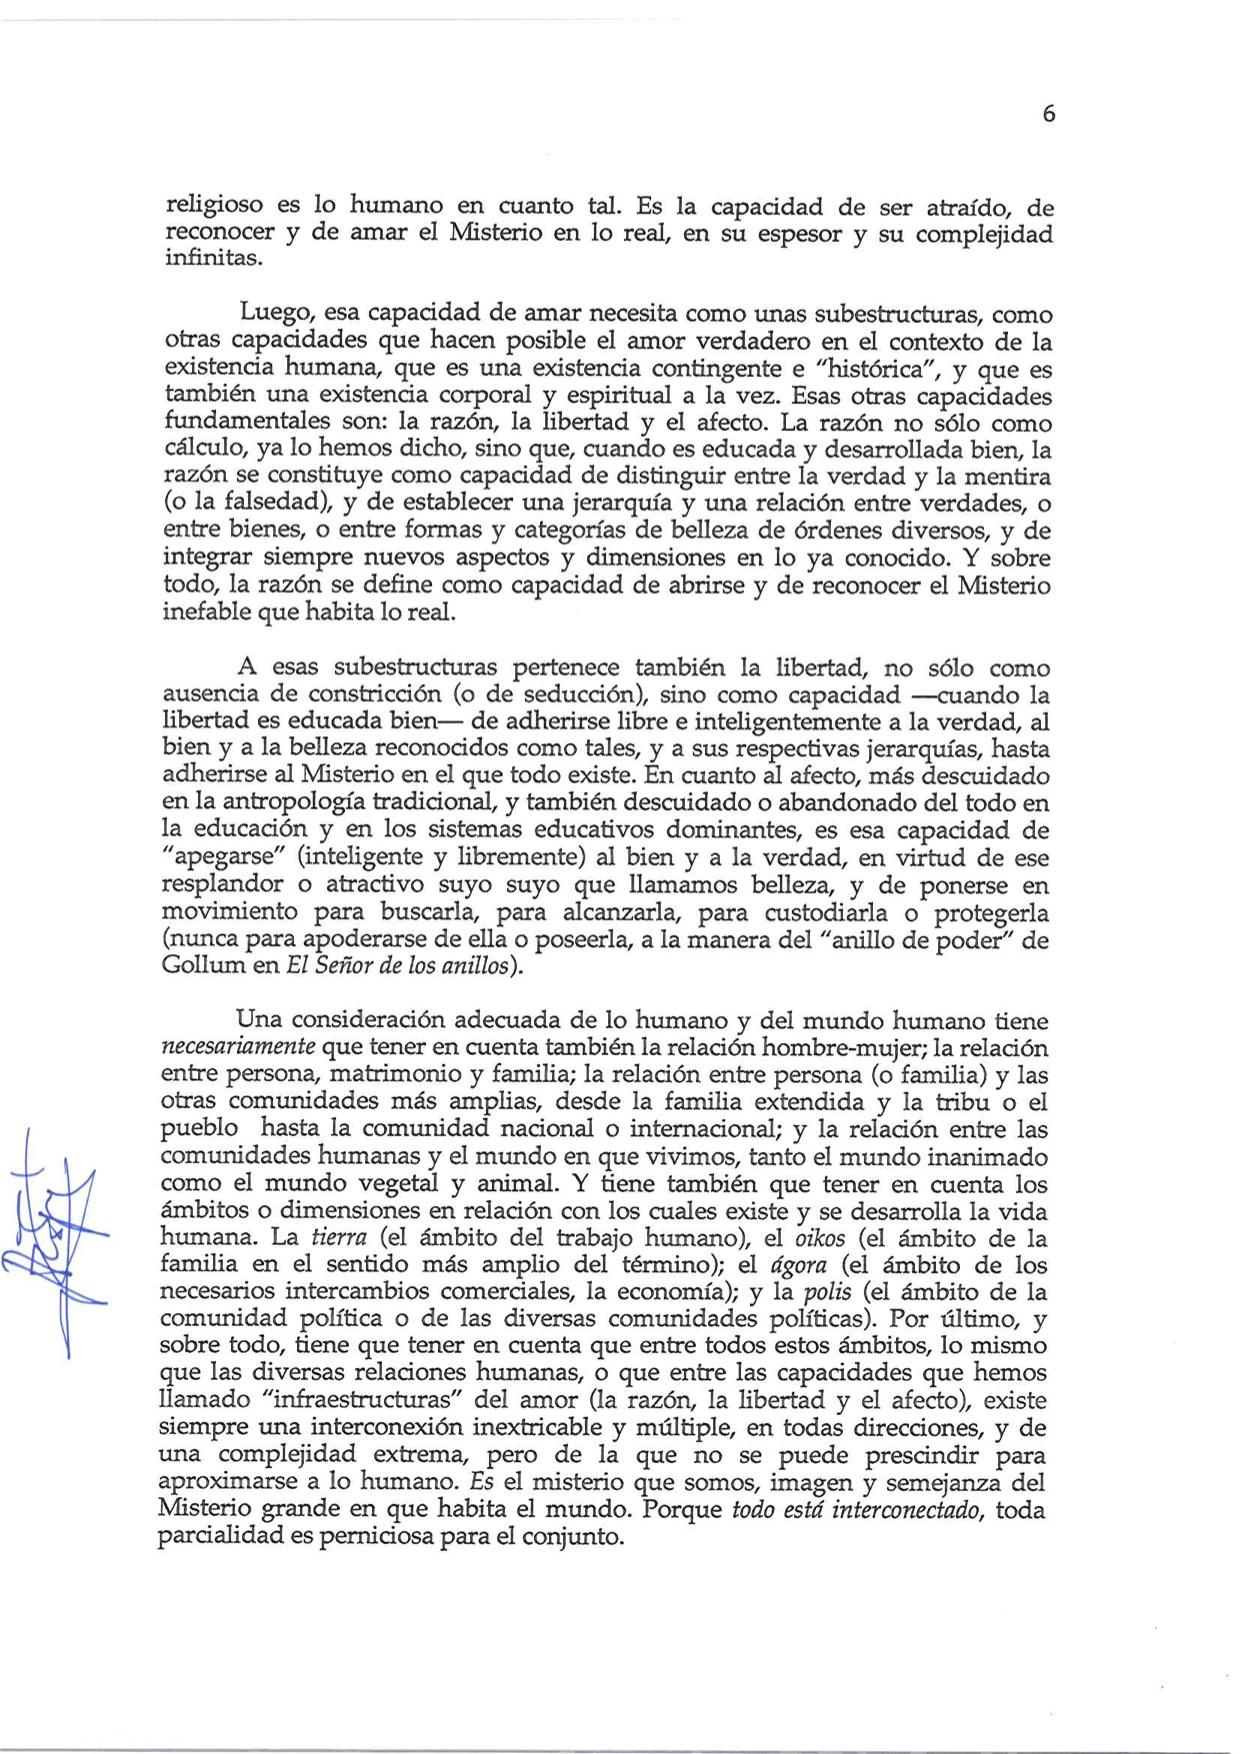 Decreto de Erección _Laudato Si_06